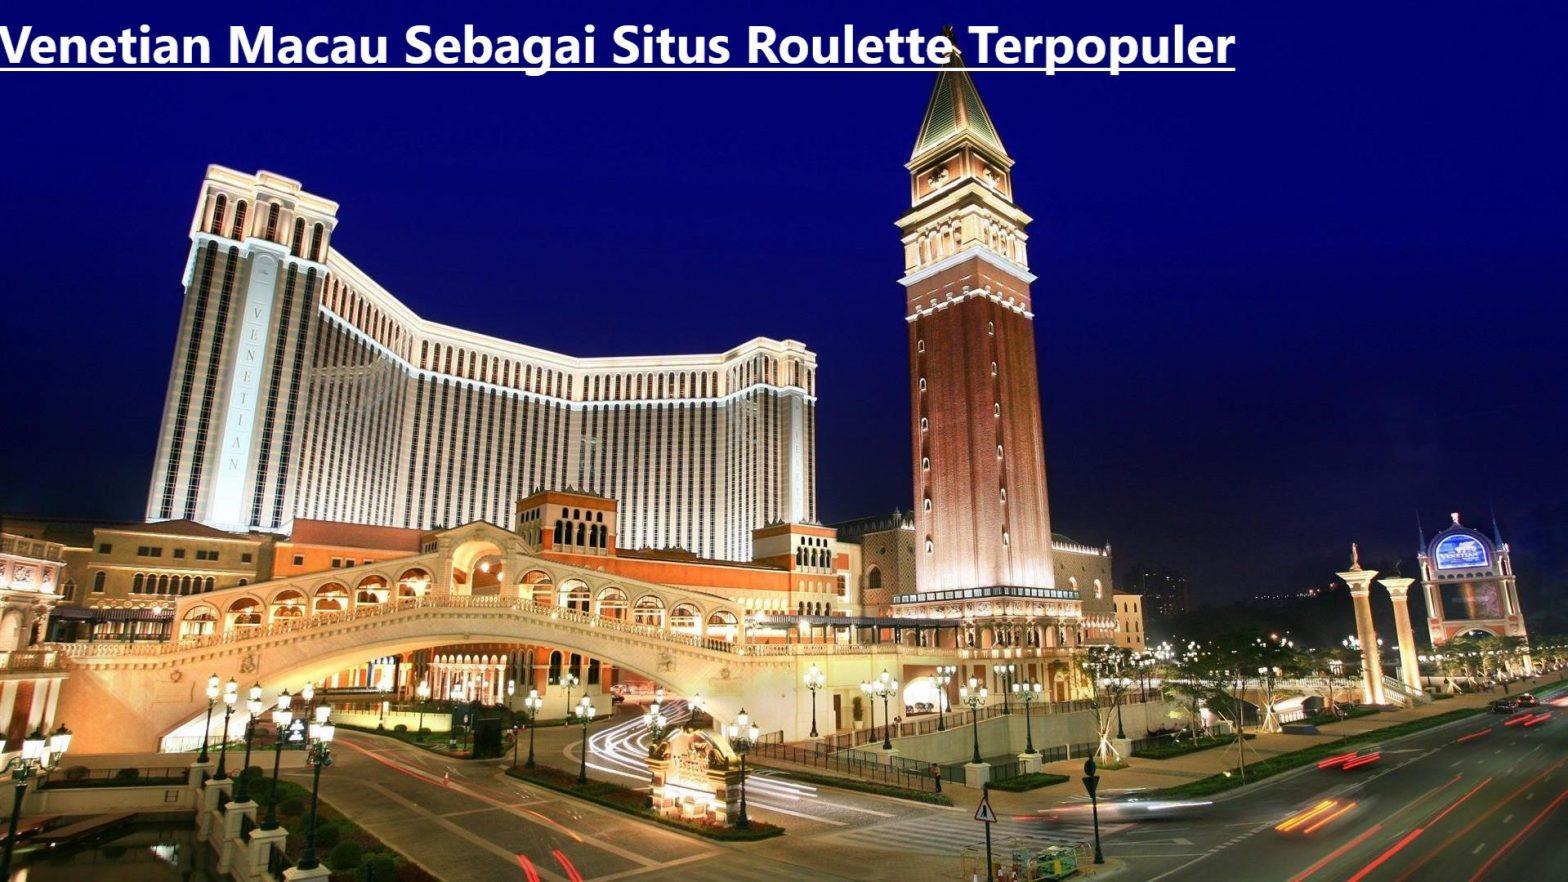 Venetian Macau Sebagai Situs Roulette Terpopuler